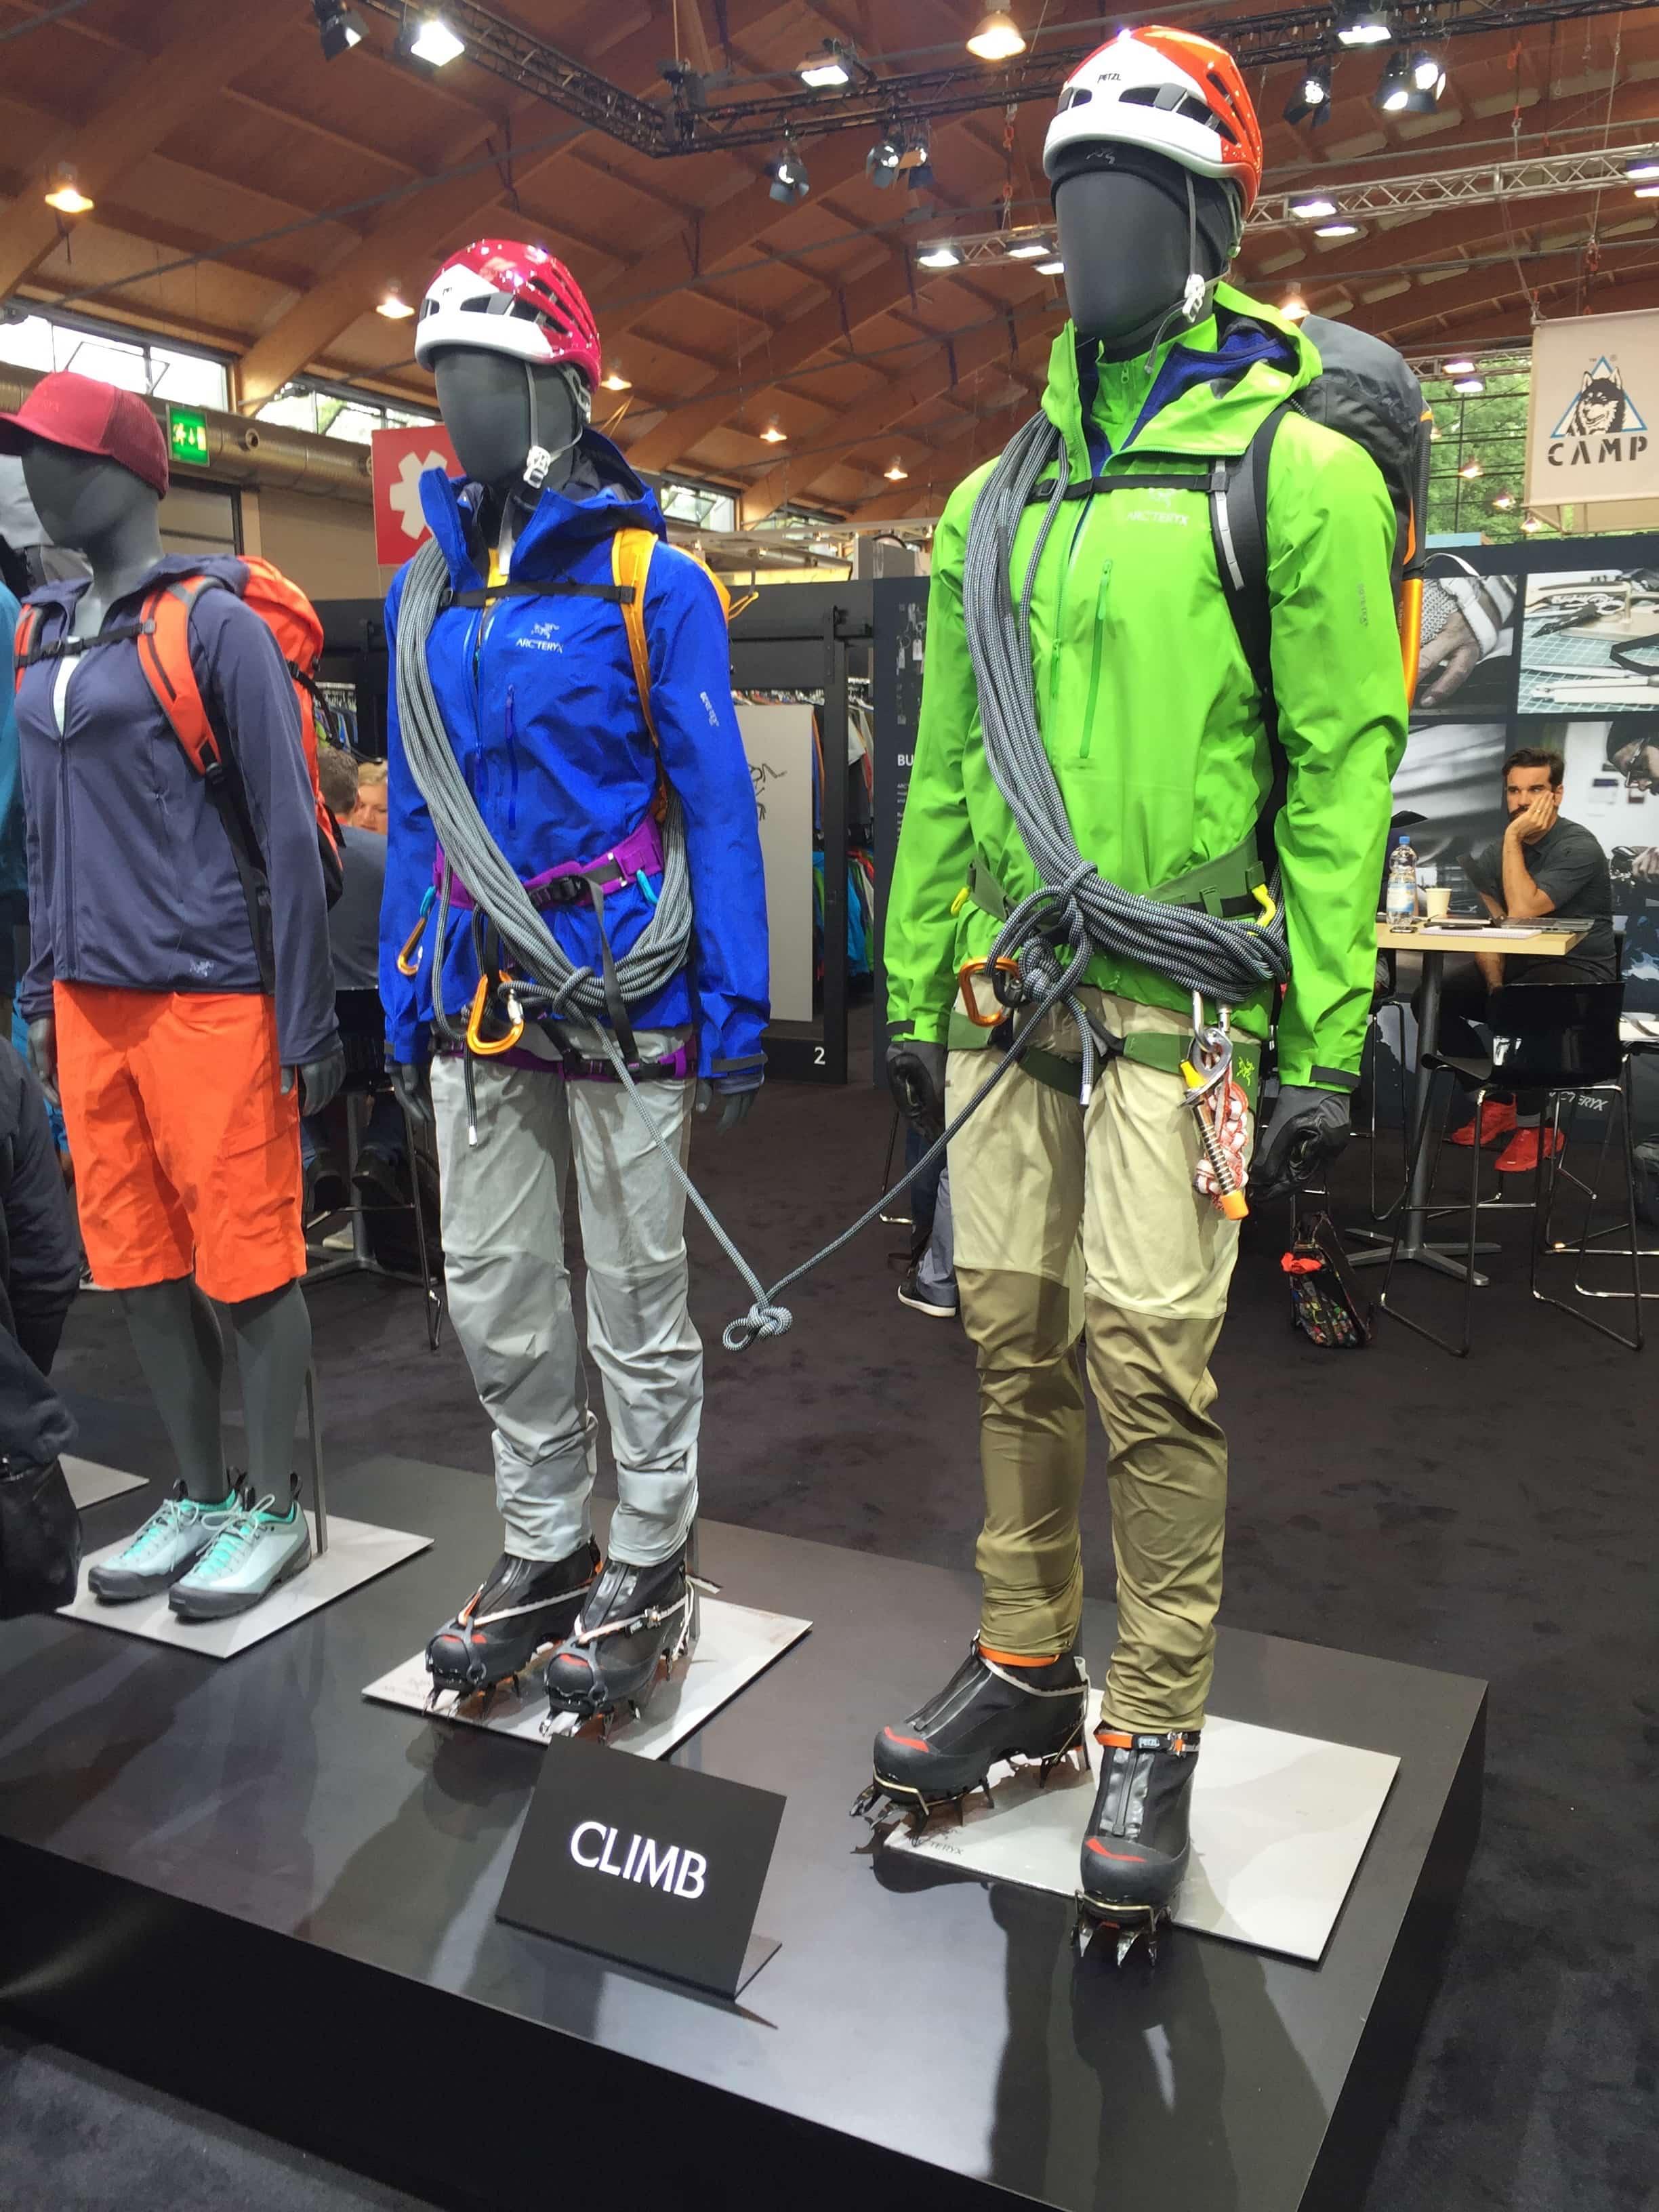 Natürlich darf die passende Outerwear für hochalpines Gelände nicht fehlen. (Credit: Chris Neumann)